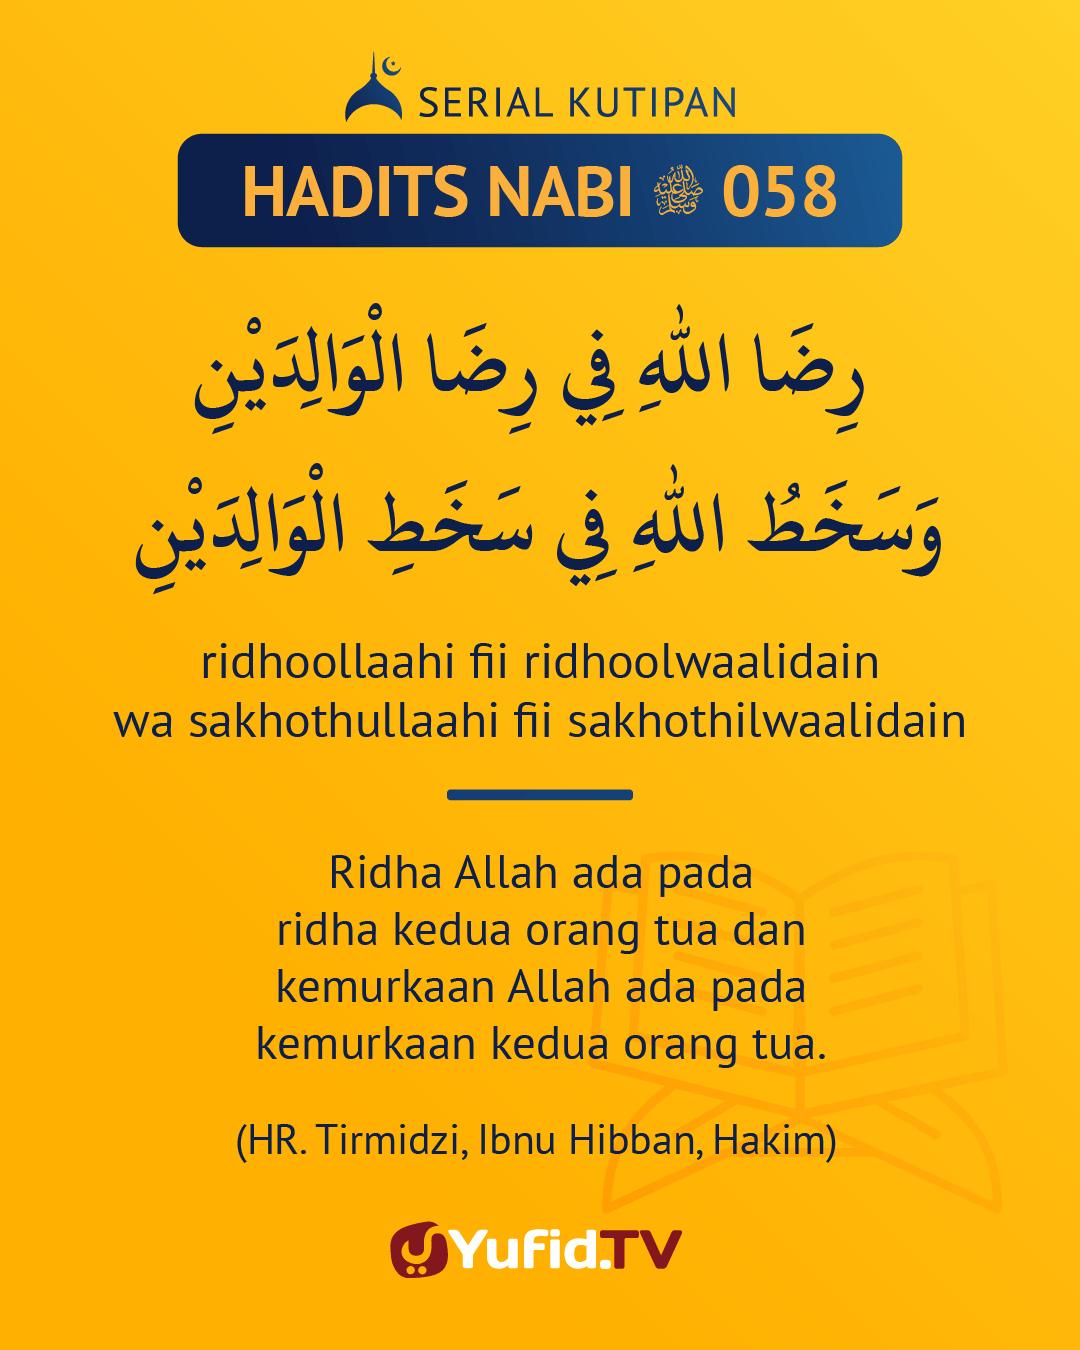 Hadits Ridho Orang Tua : hadits, ridho, orang, Ensiklopedia, Islam, Serial, Kutipan, Hadits:, Ridho, Allah, Orang